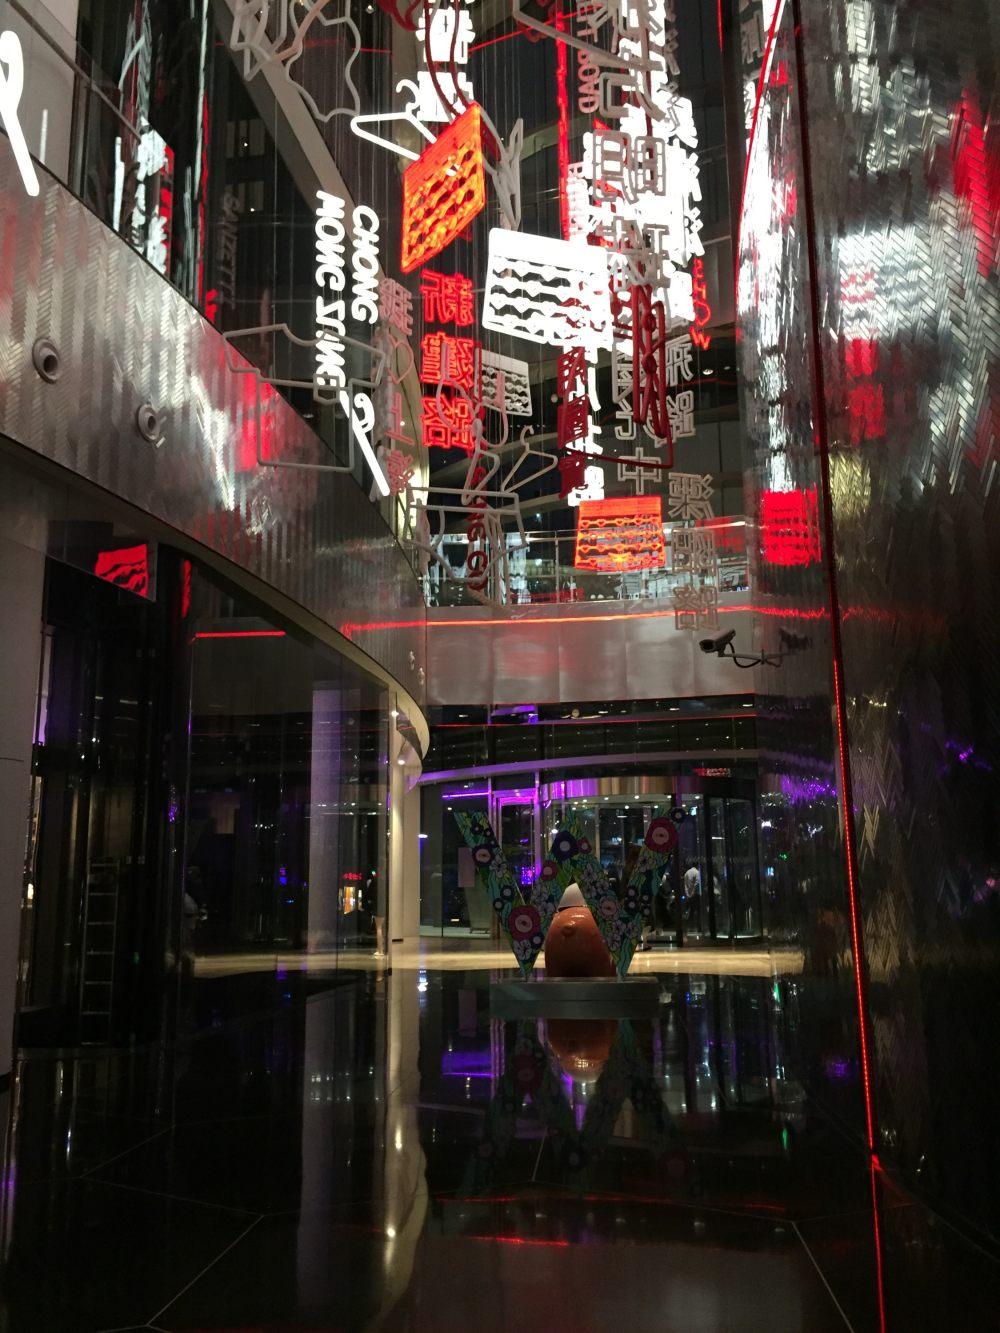 上海外滩W酒店,史上最全入住体验 自拍分享,申请置...._IMG_5932.JPG